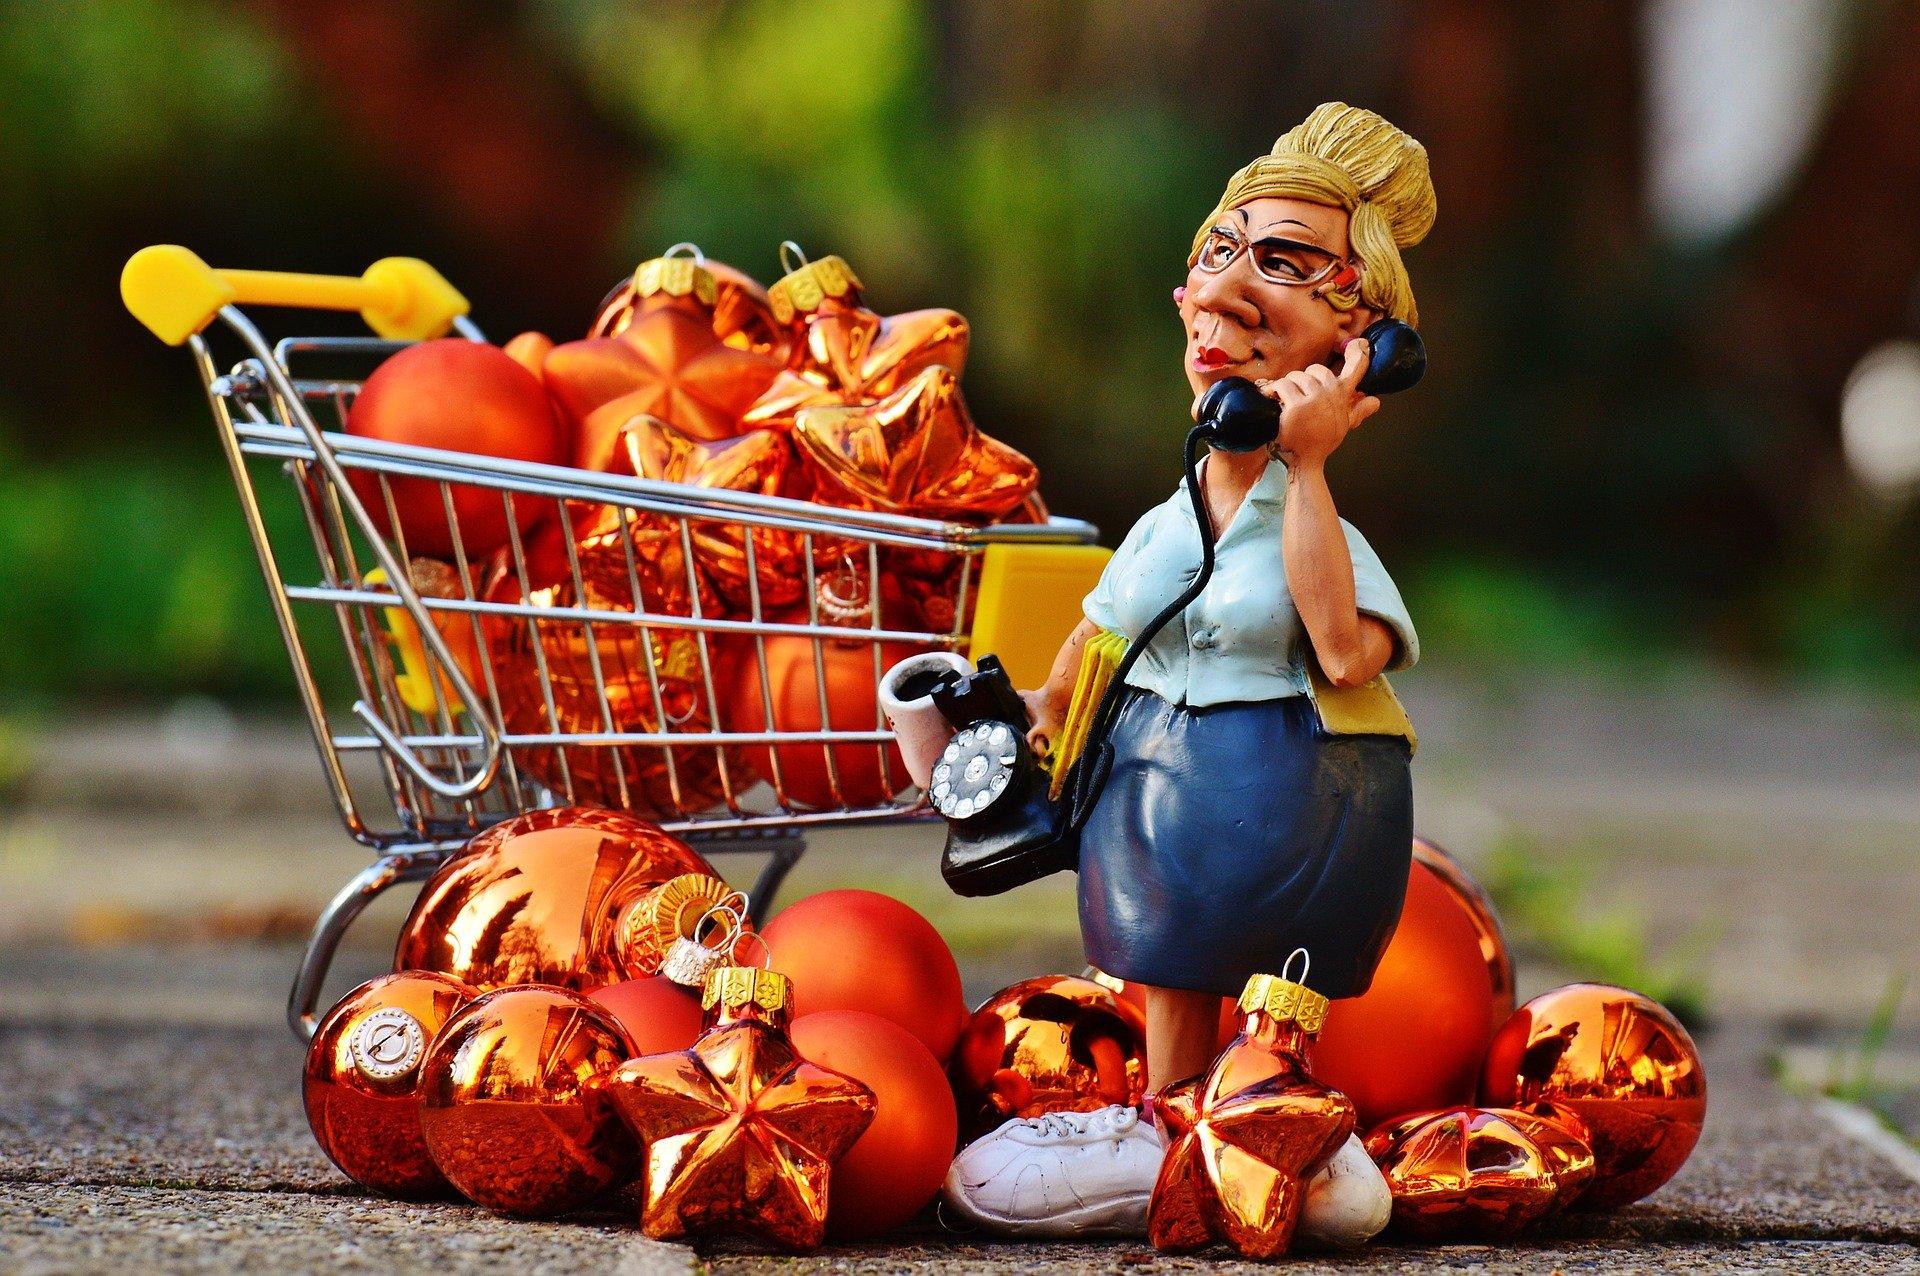 Christmas Food Essentials | Alexas_Fotos pixabay.com